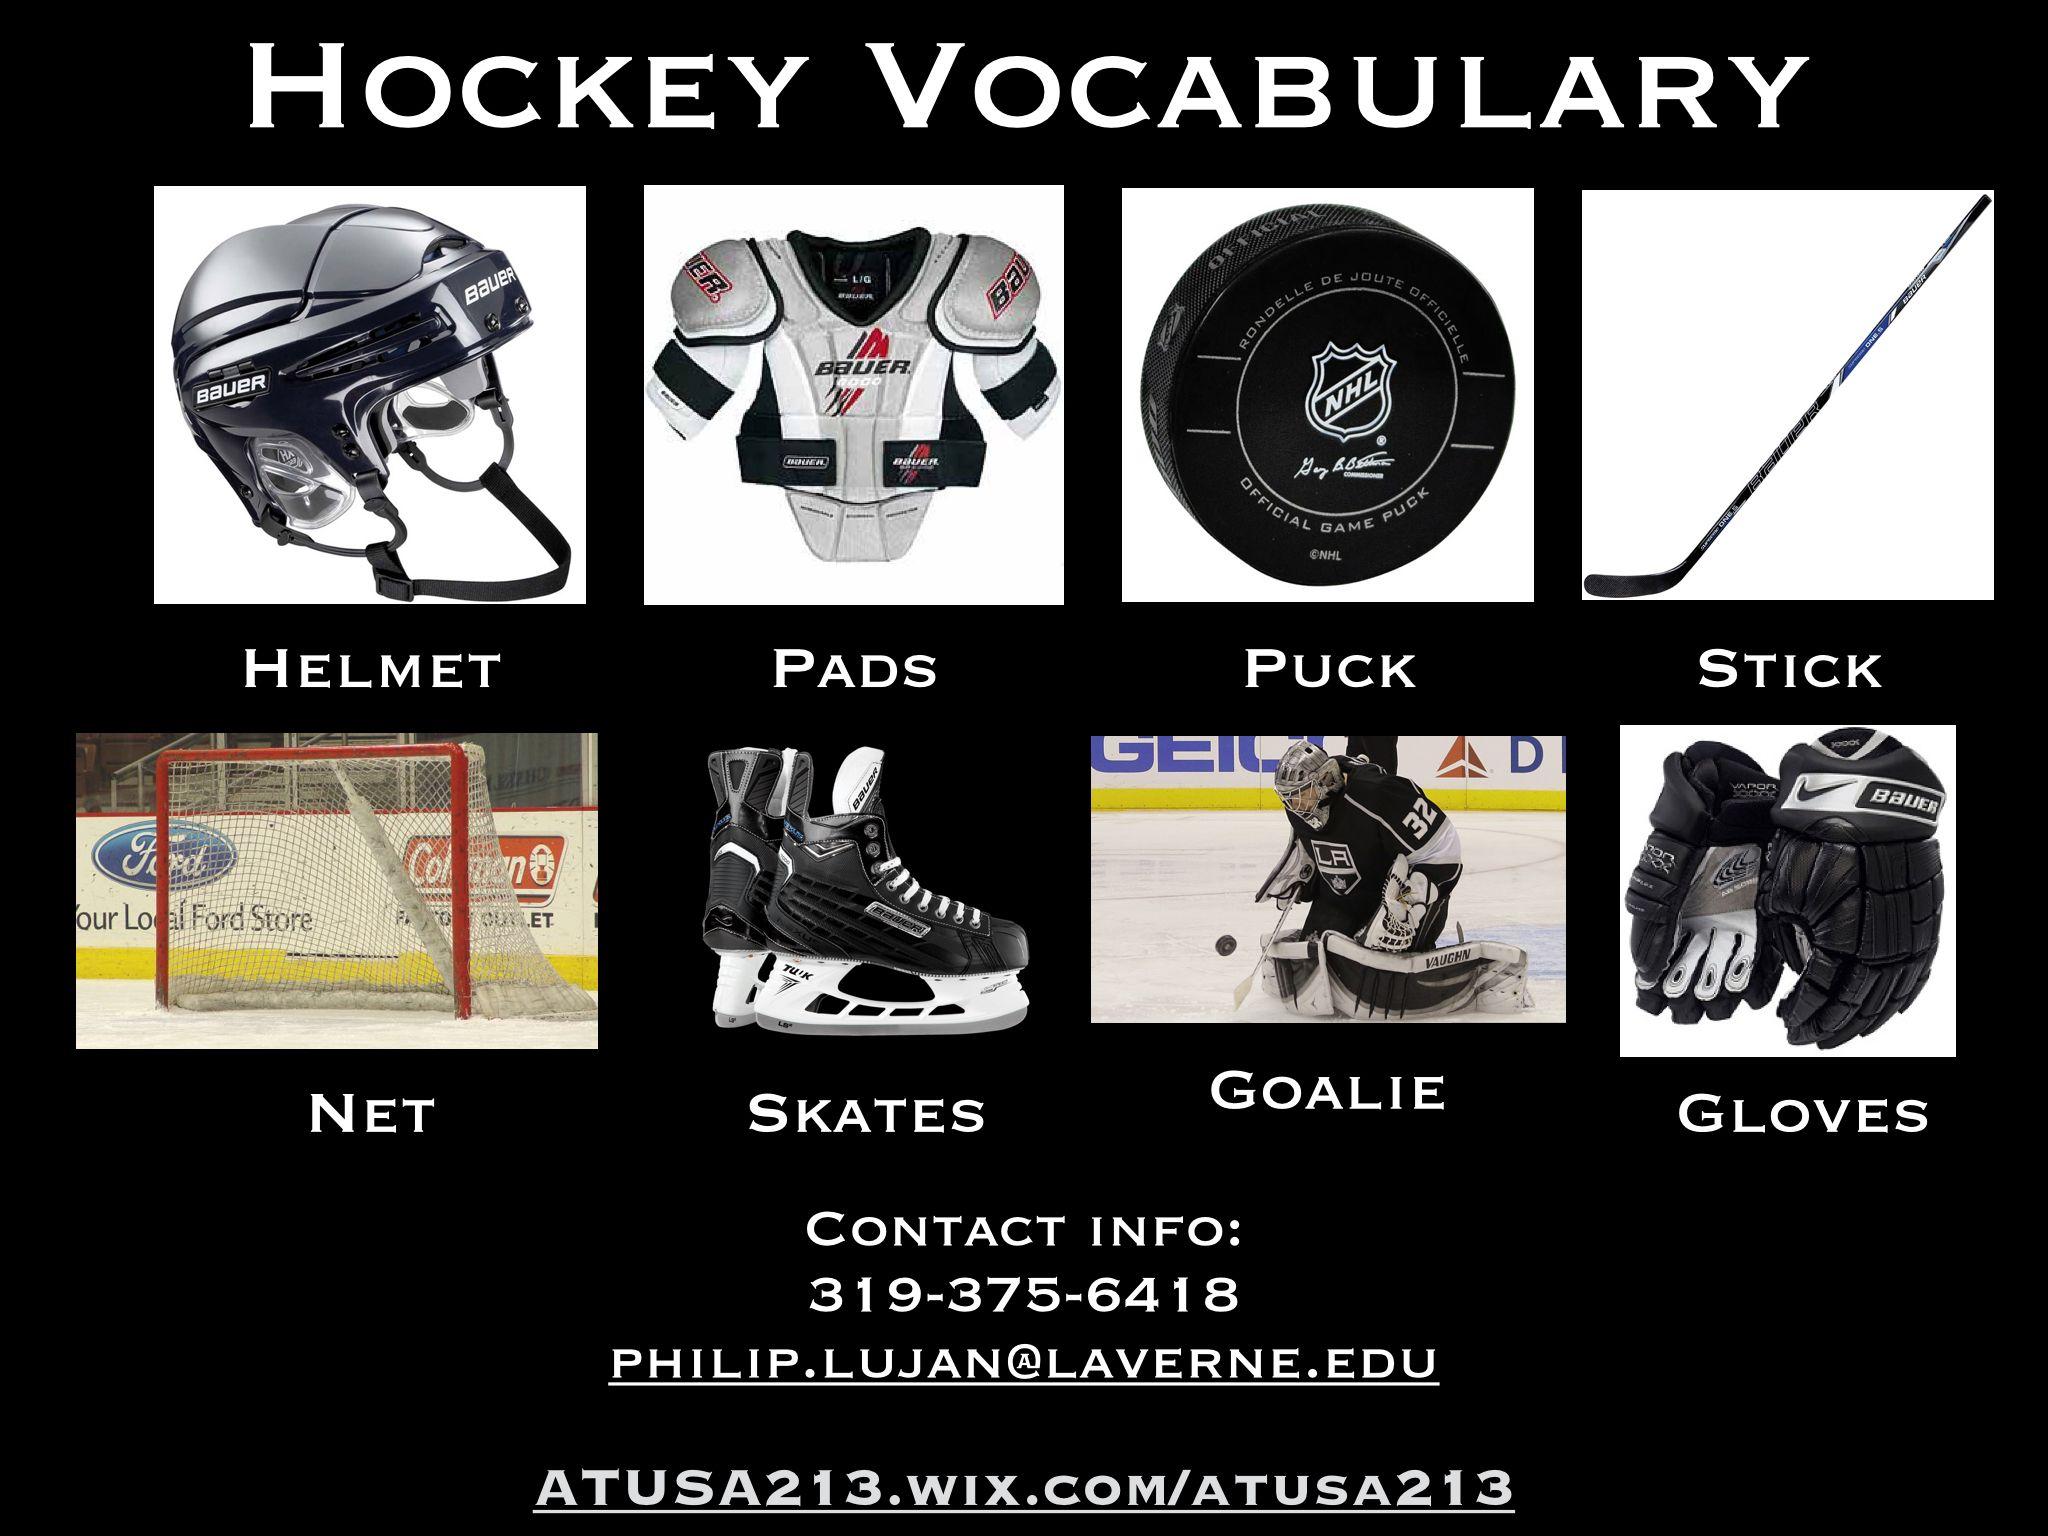 Hockey Vocabulary Atusa213 Wix Atusa213 Atusa213 Gmail